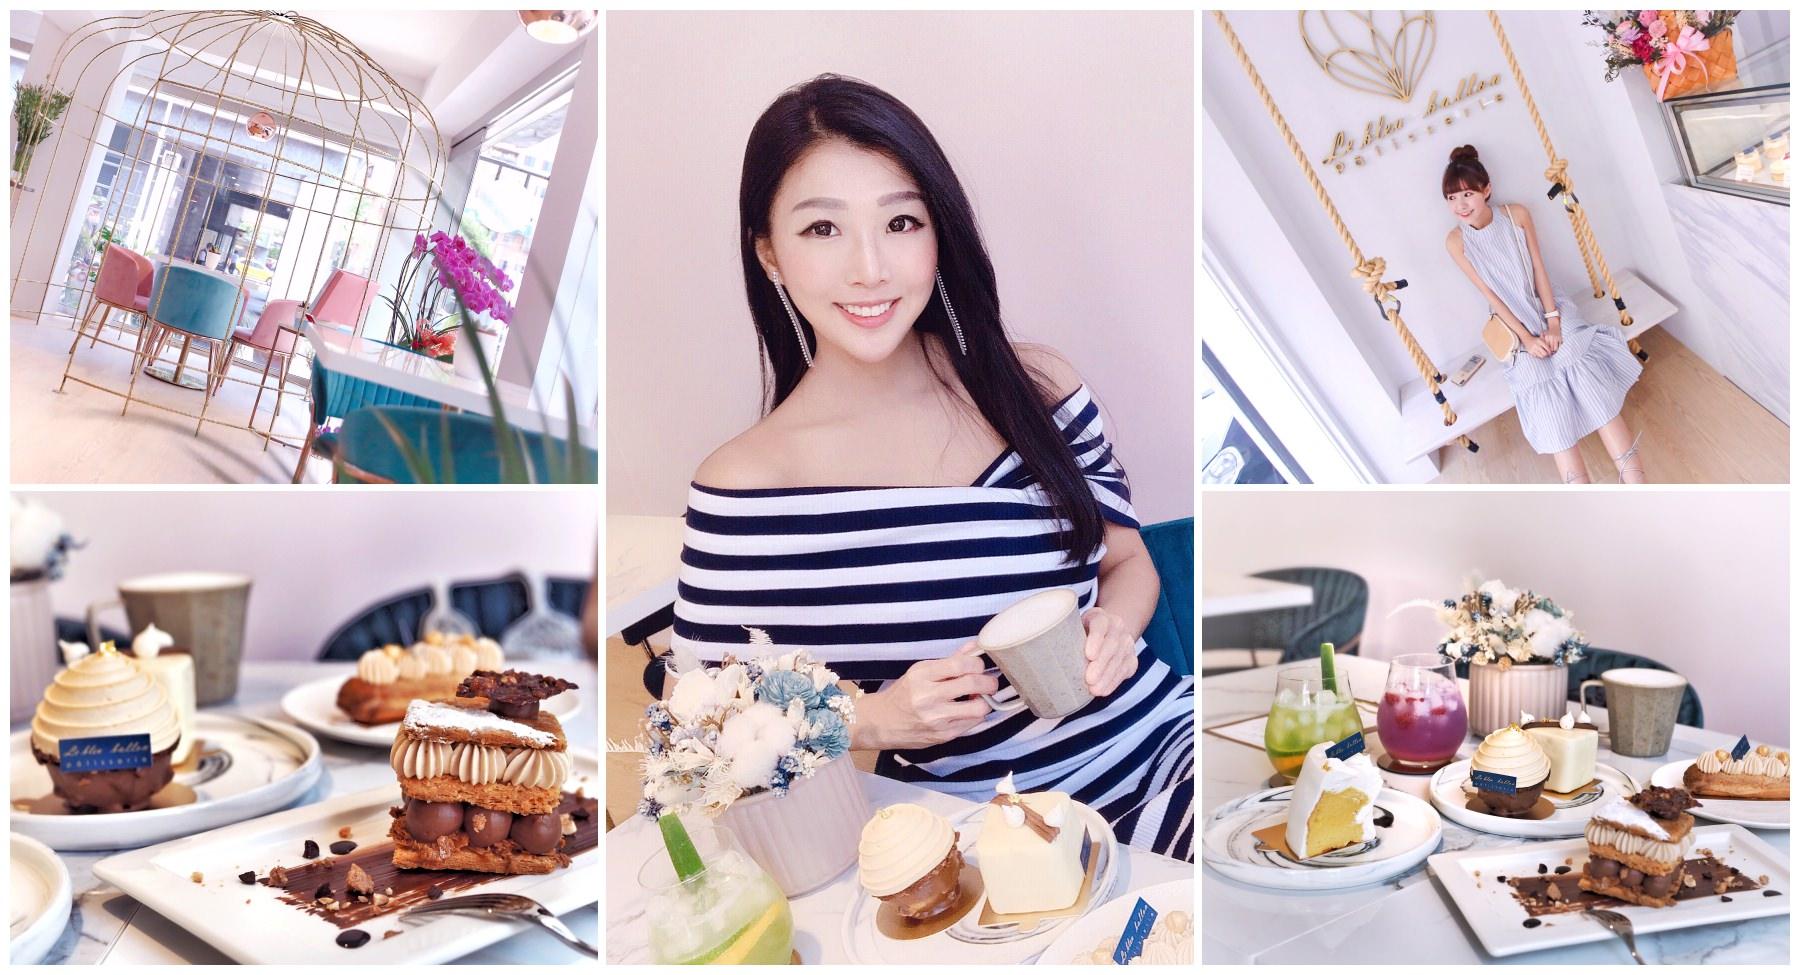 大安區信義安和站新開 ♥♥ 藍氣球 Le Bleu Ballon Pâtisserie 有點法式的手工點心舖 藍帶甜點下午茶 ♥ JoyceWu。食記